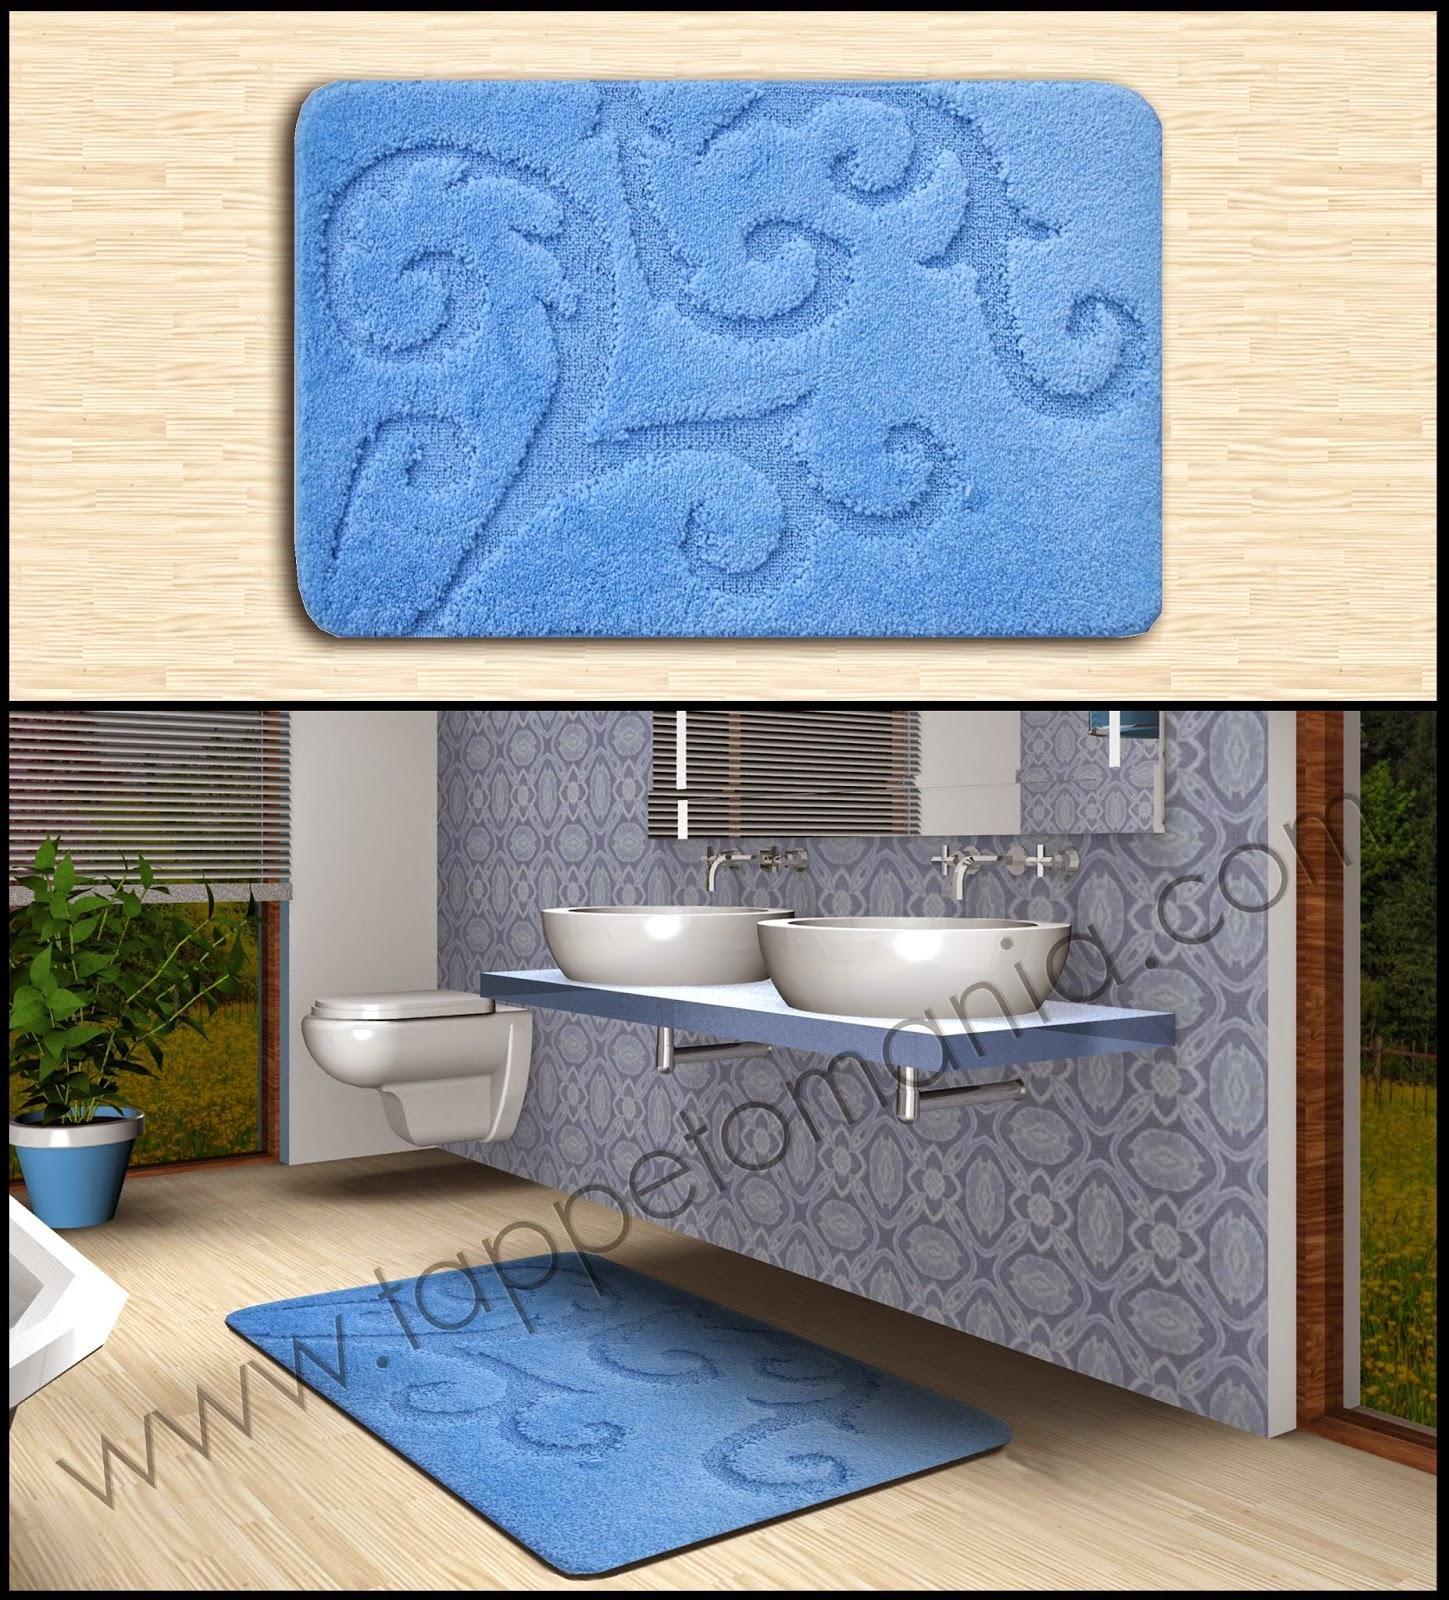 Tappeti bagno moderni prezzi tappeti in bamboo per - Tappeti bagno moderni ...